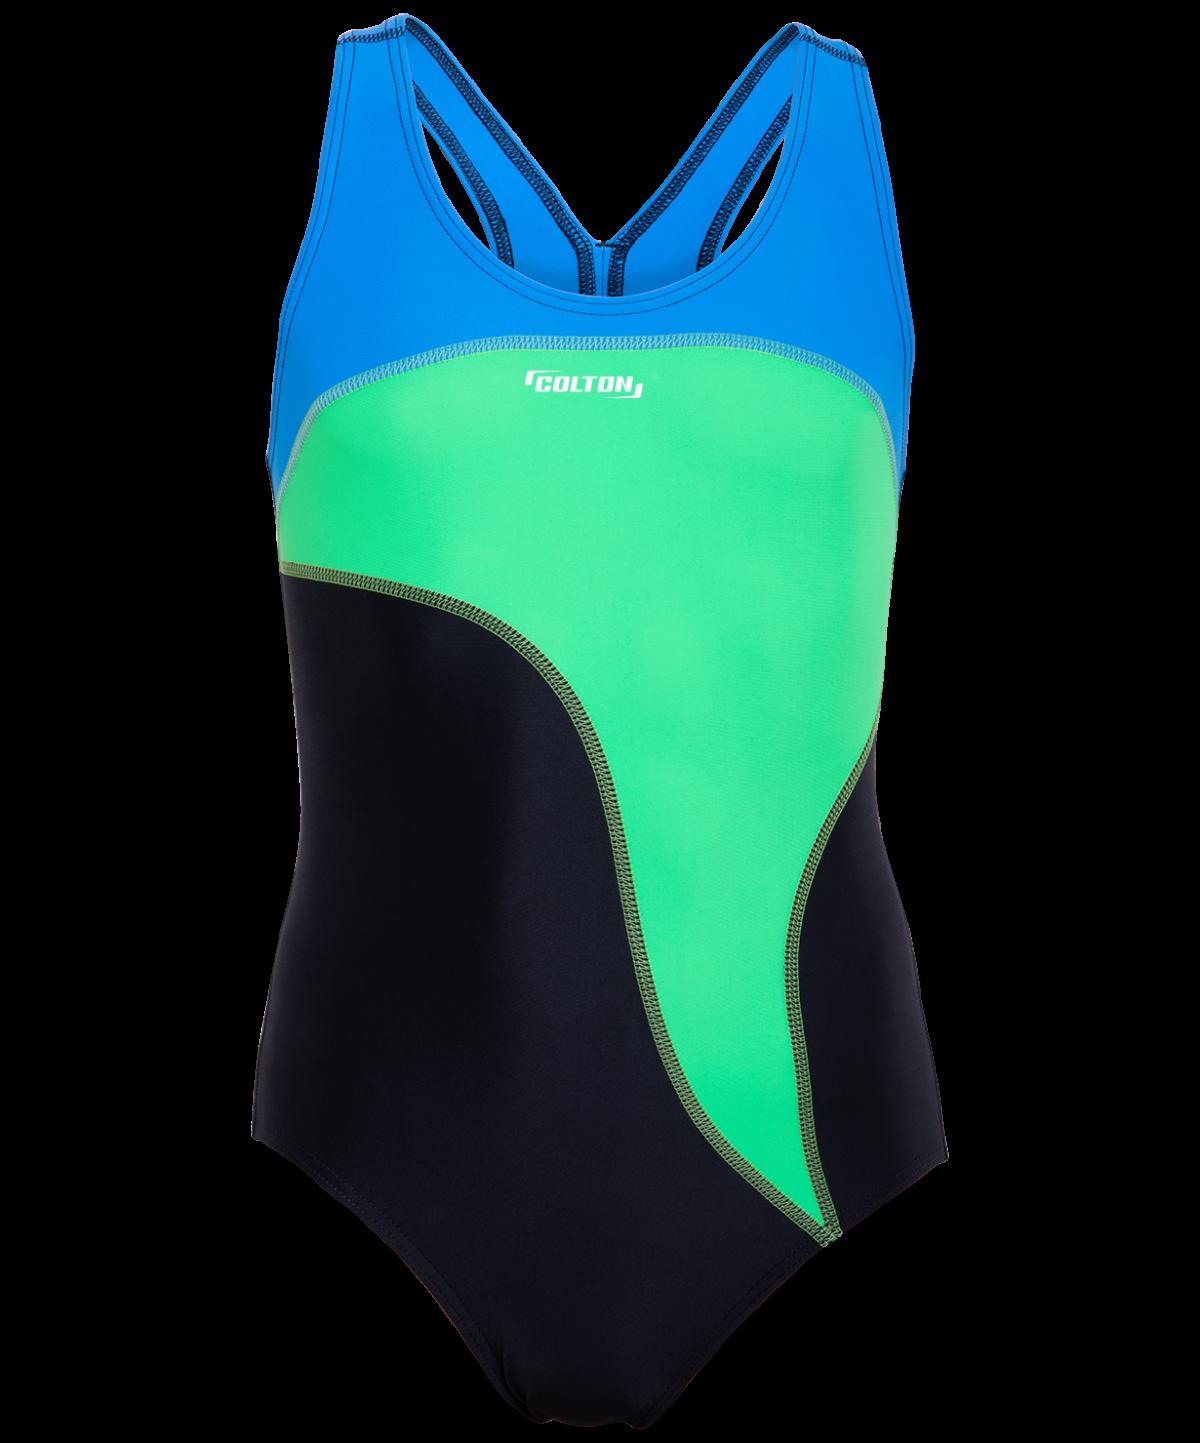 COLTON Wave Купальник для плавания совместный со вставками, детский (32-42)  SC-5910: чёрный/салатовый - 1